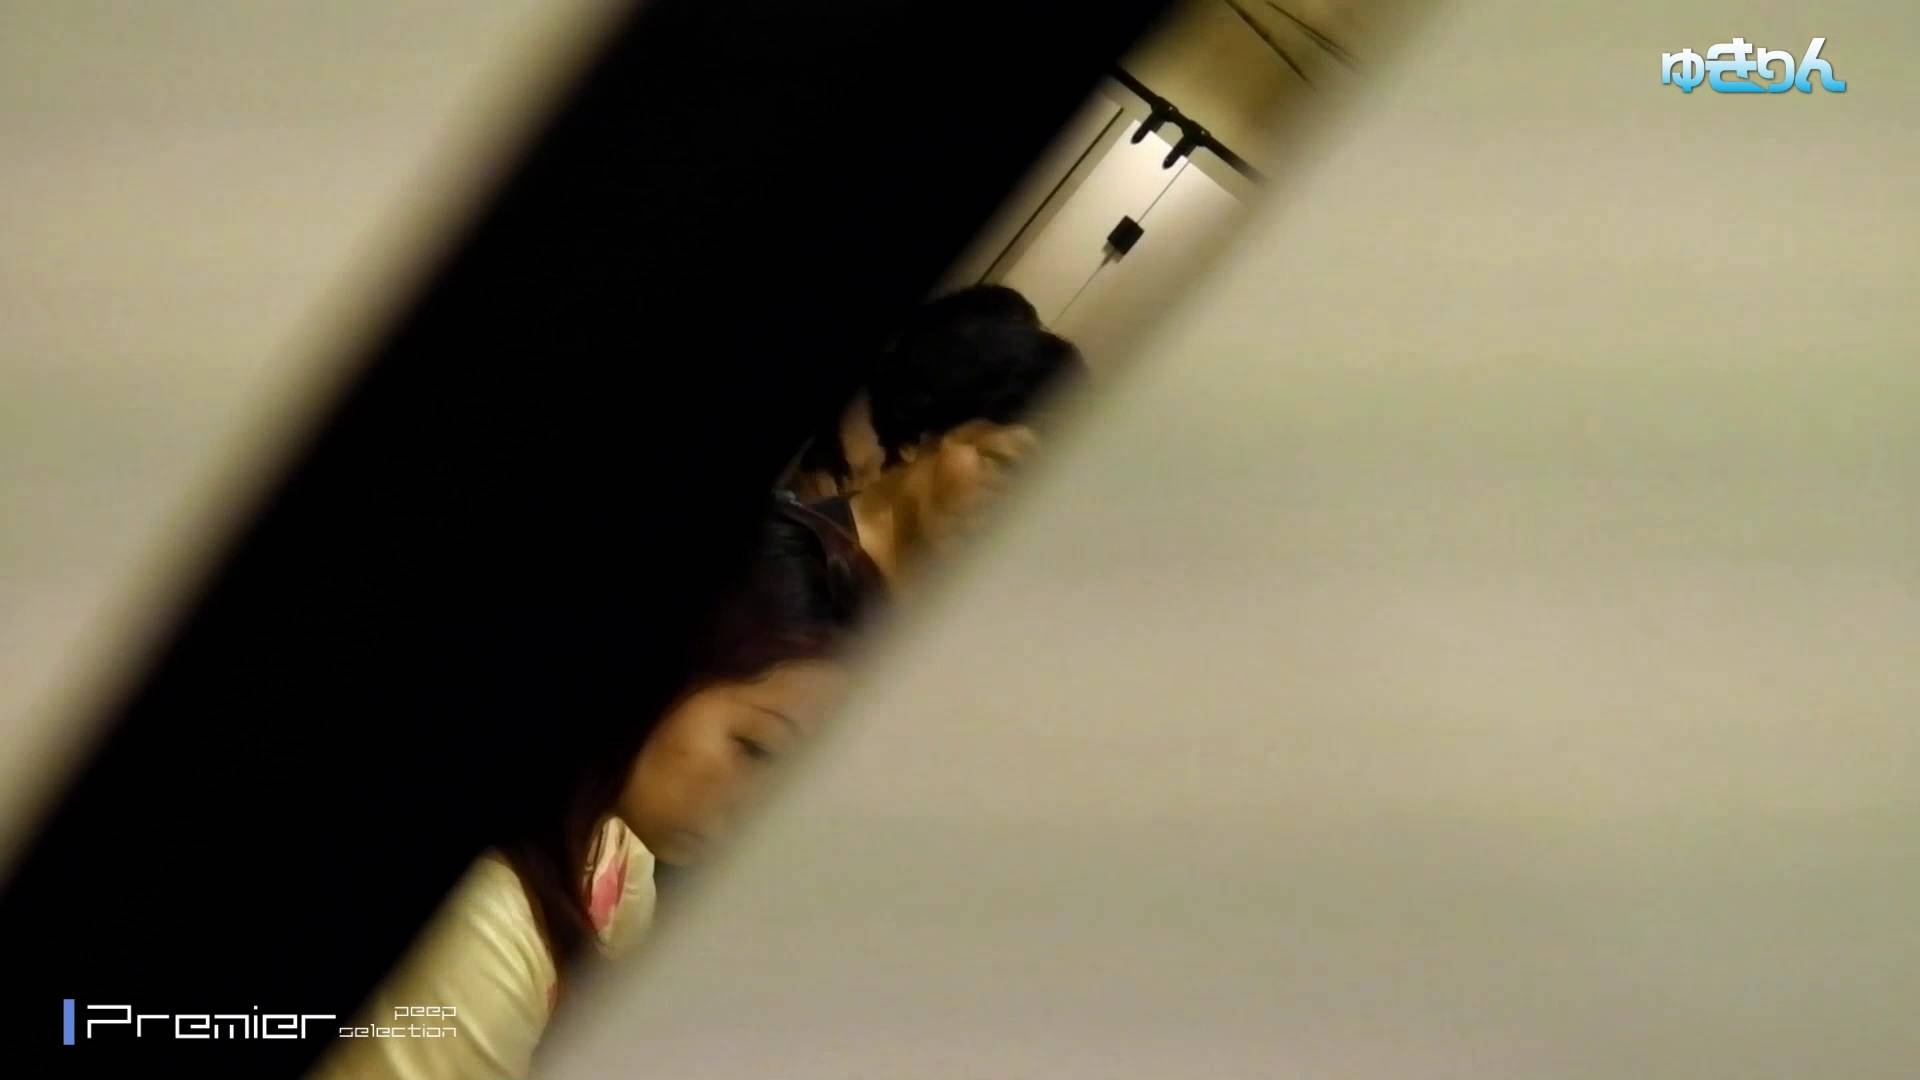 新世界の射窓 No89 あの有名のショーに出ているモデルが偶然に利用するという 洗面所  58pic 2